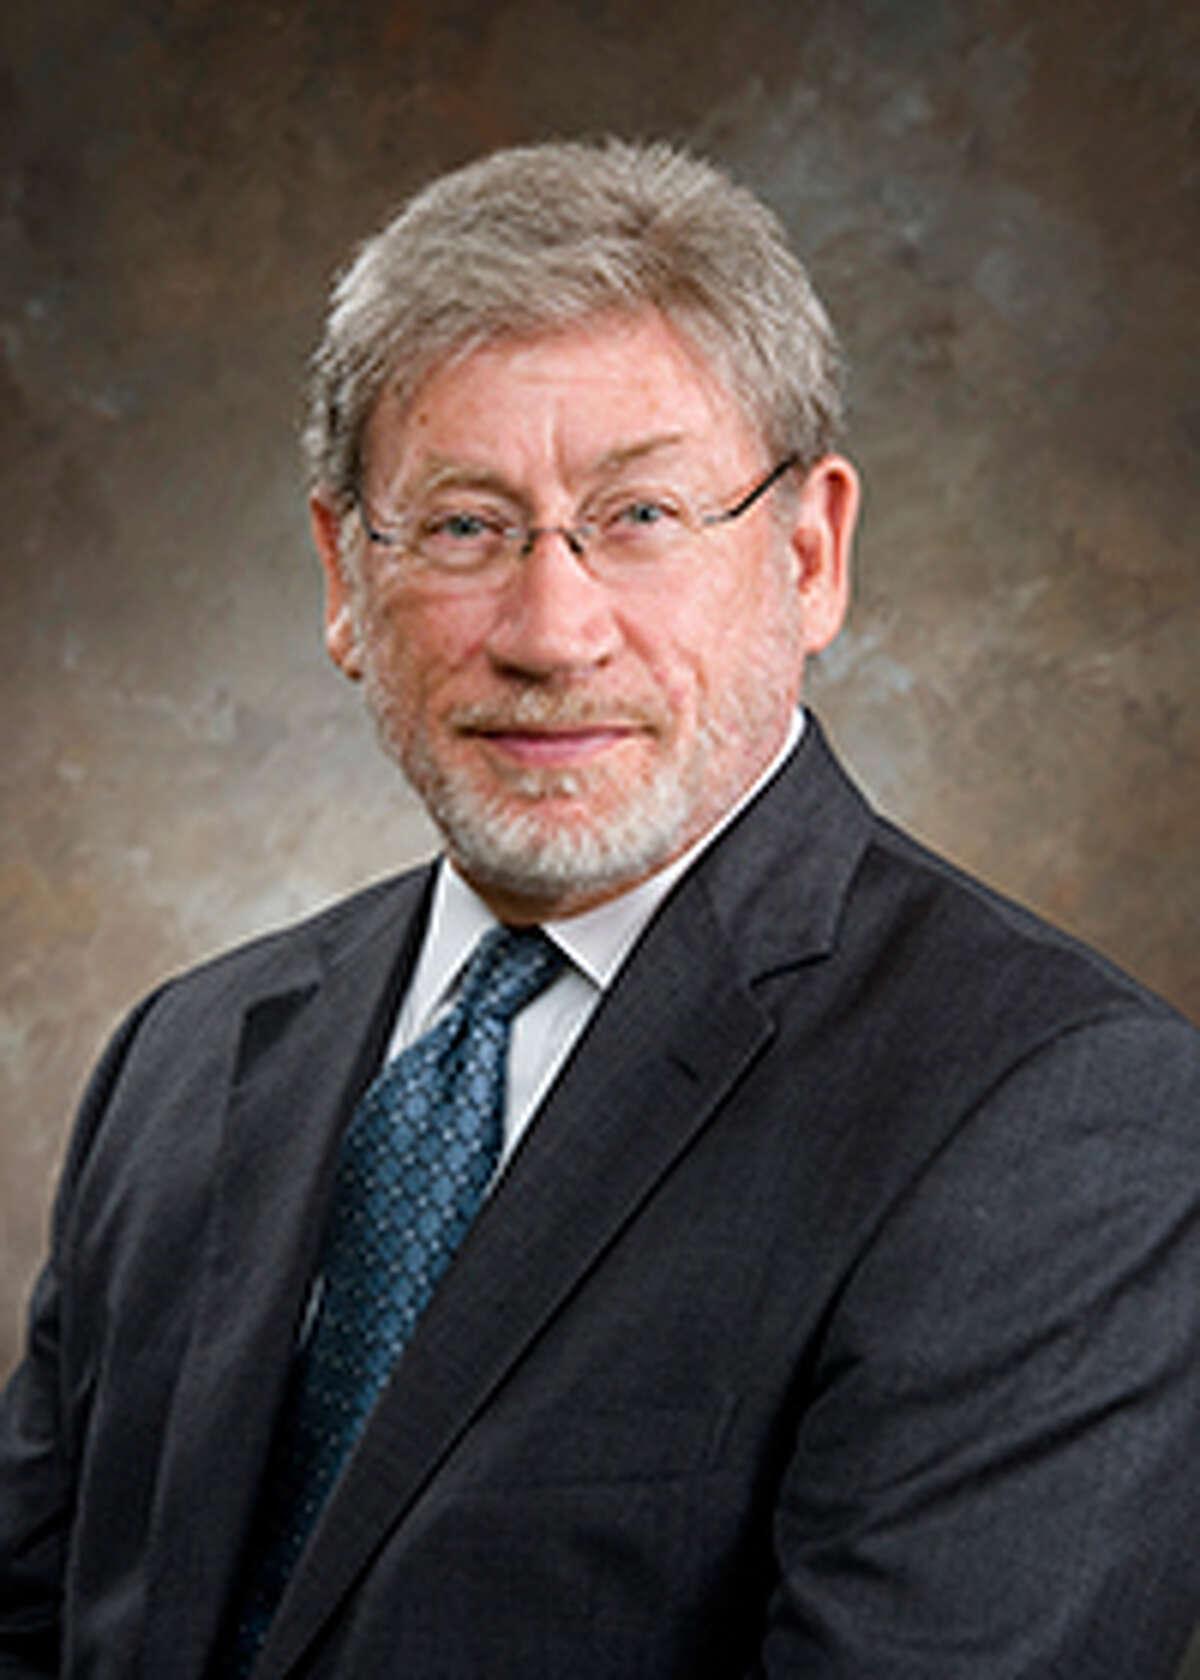 UTMB Former Chief Financial Officer William R. Elger